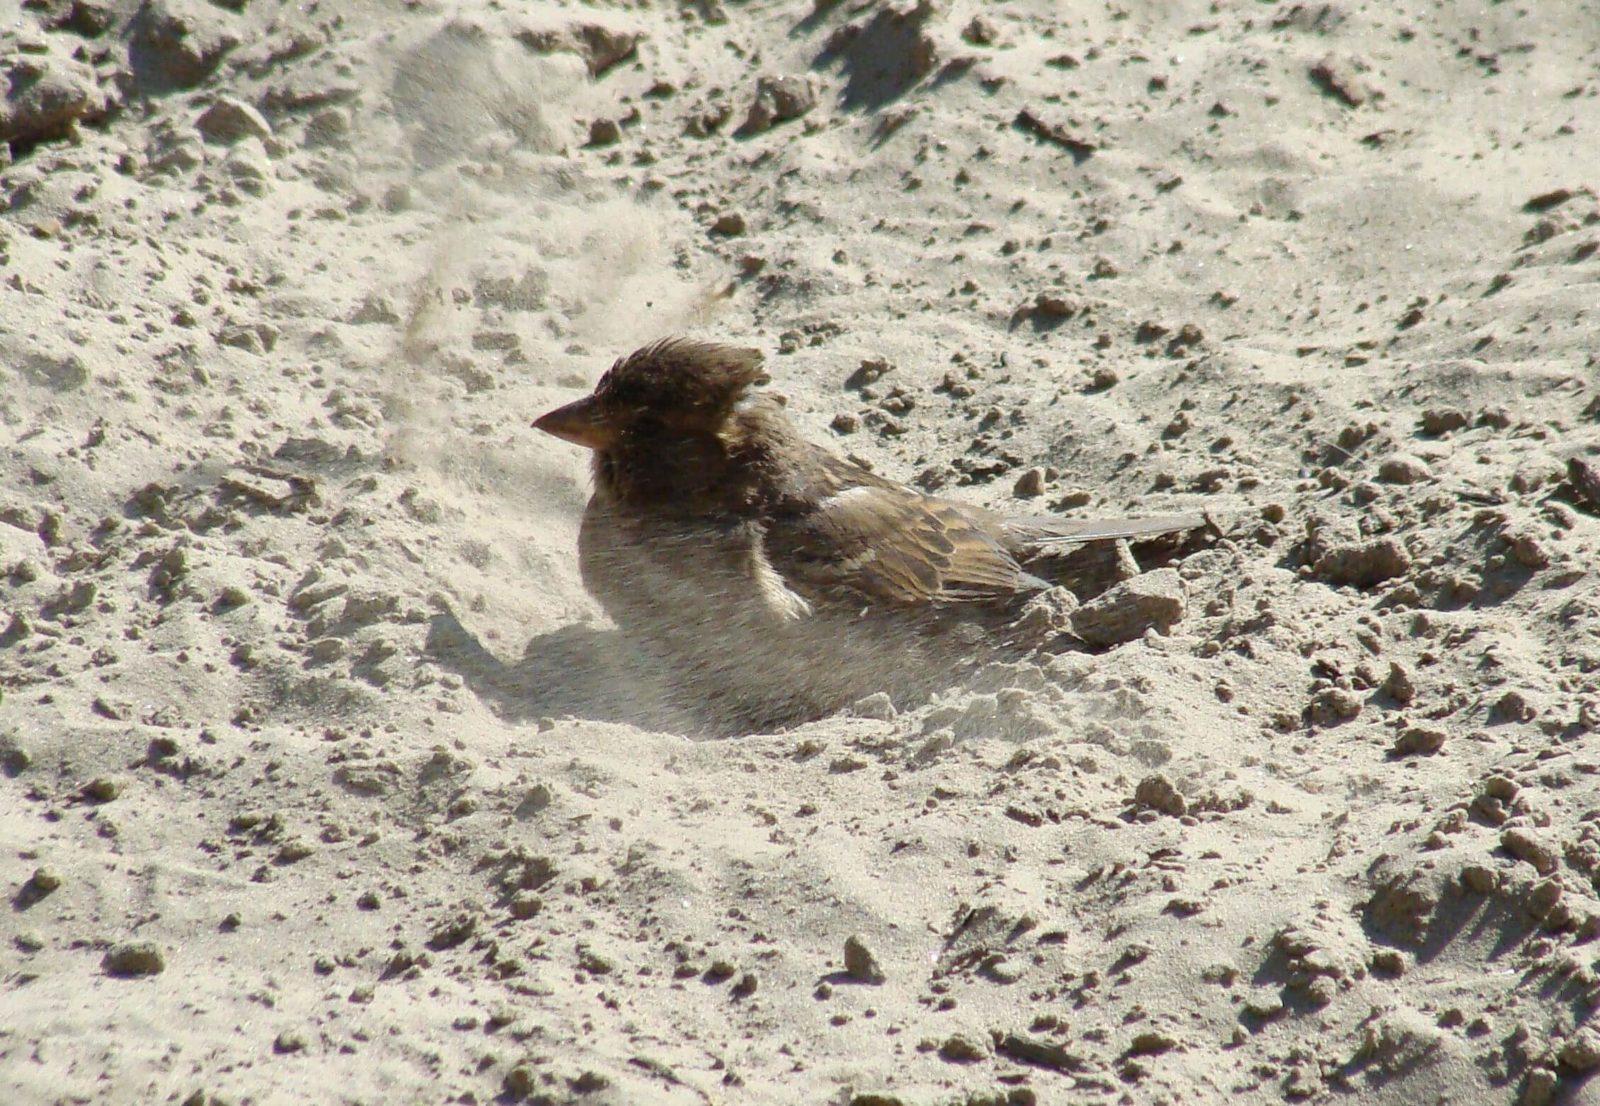 Воробьи купаются в пыли